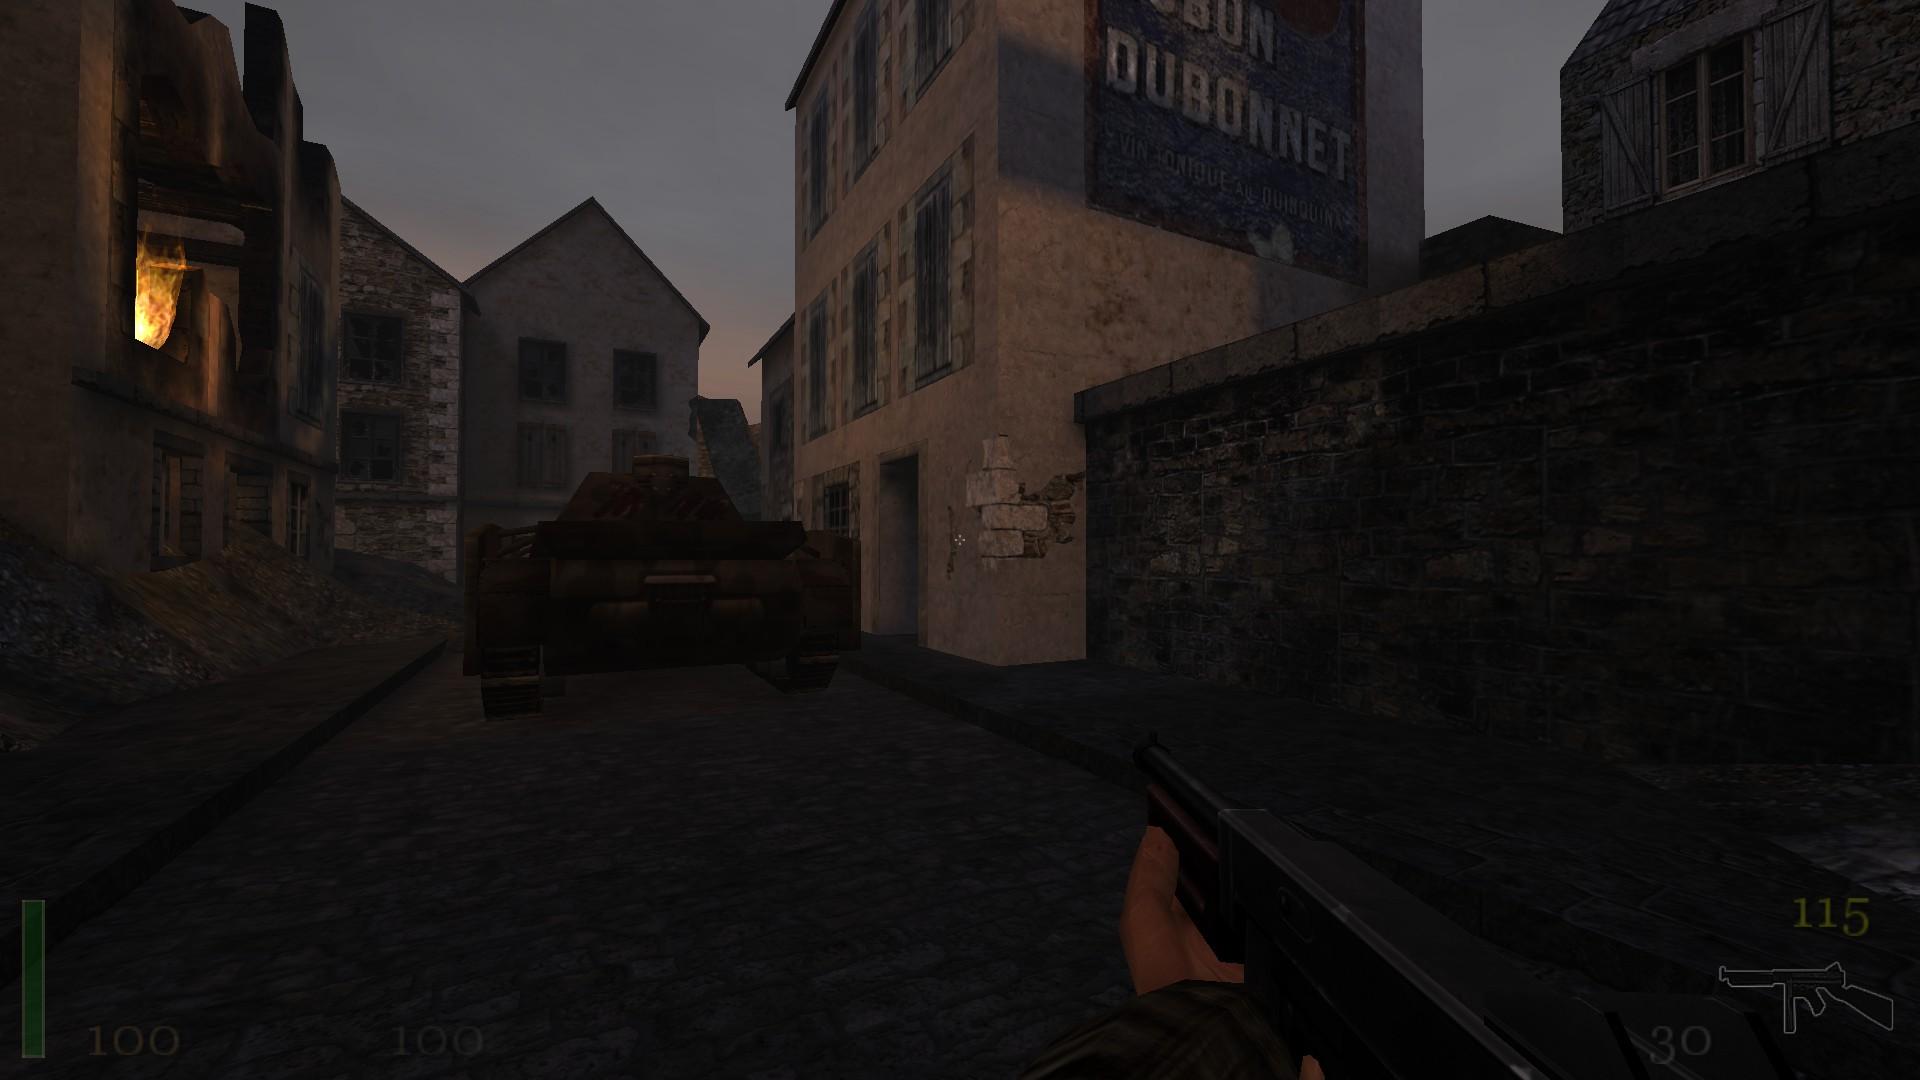 Kugelstadt image return to wolfenstein hd upgrade mod for Castle wolfenstein